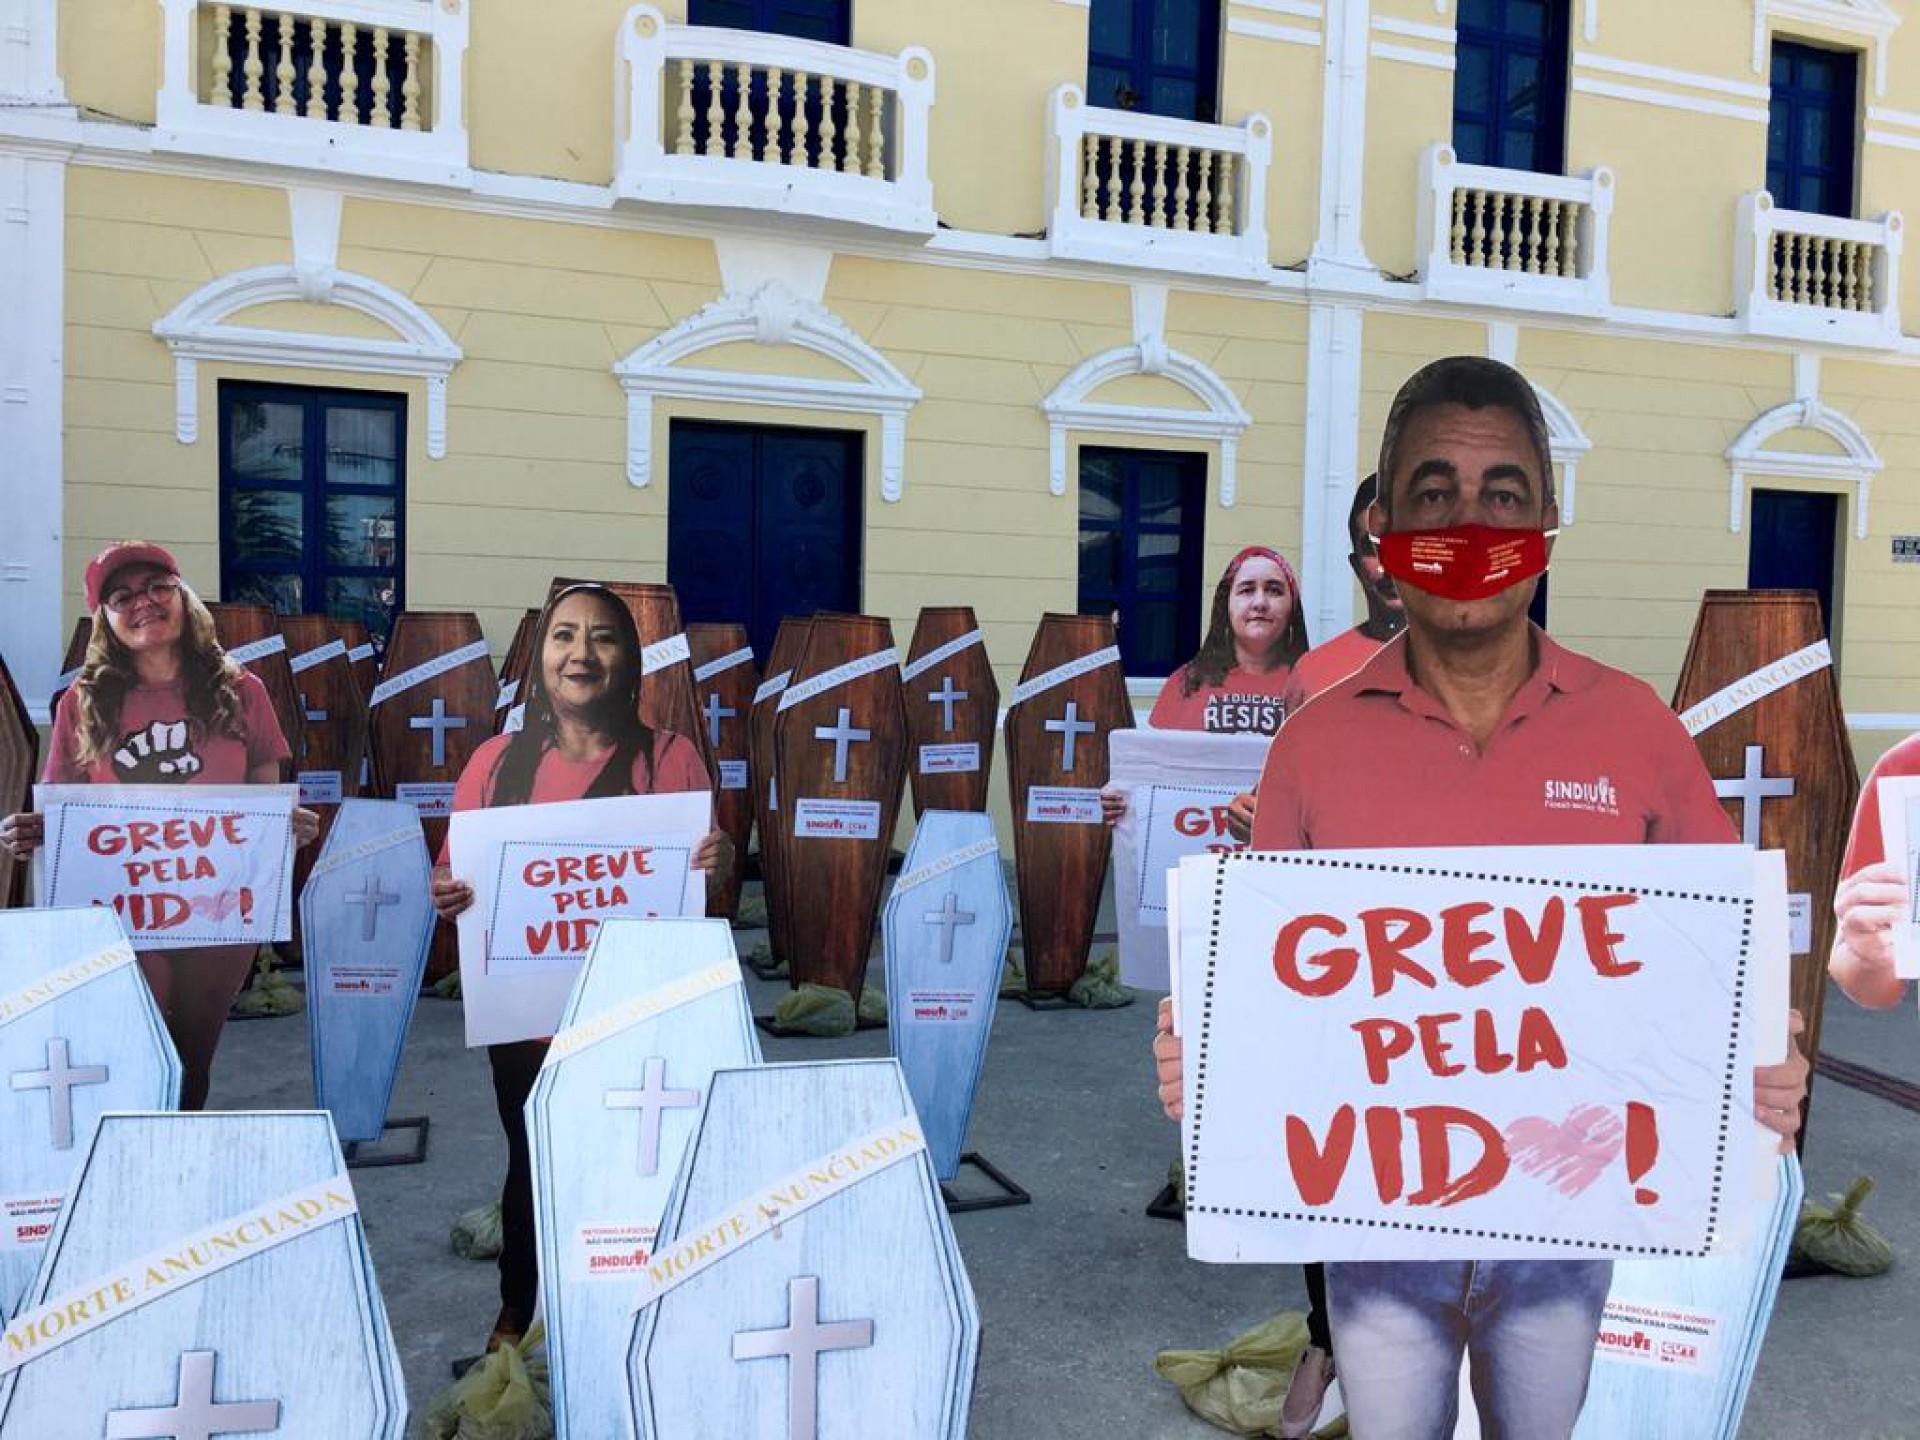 PROTESTO foi realizado com totens para evitar aglomeração durante pandemia (Foto: Fábio Lima)